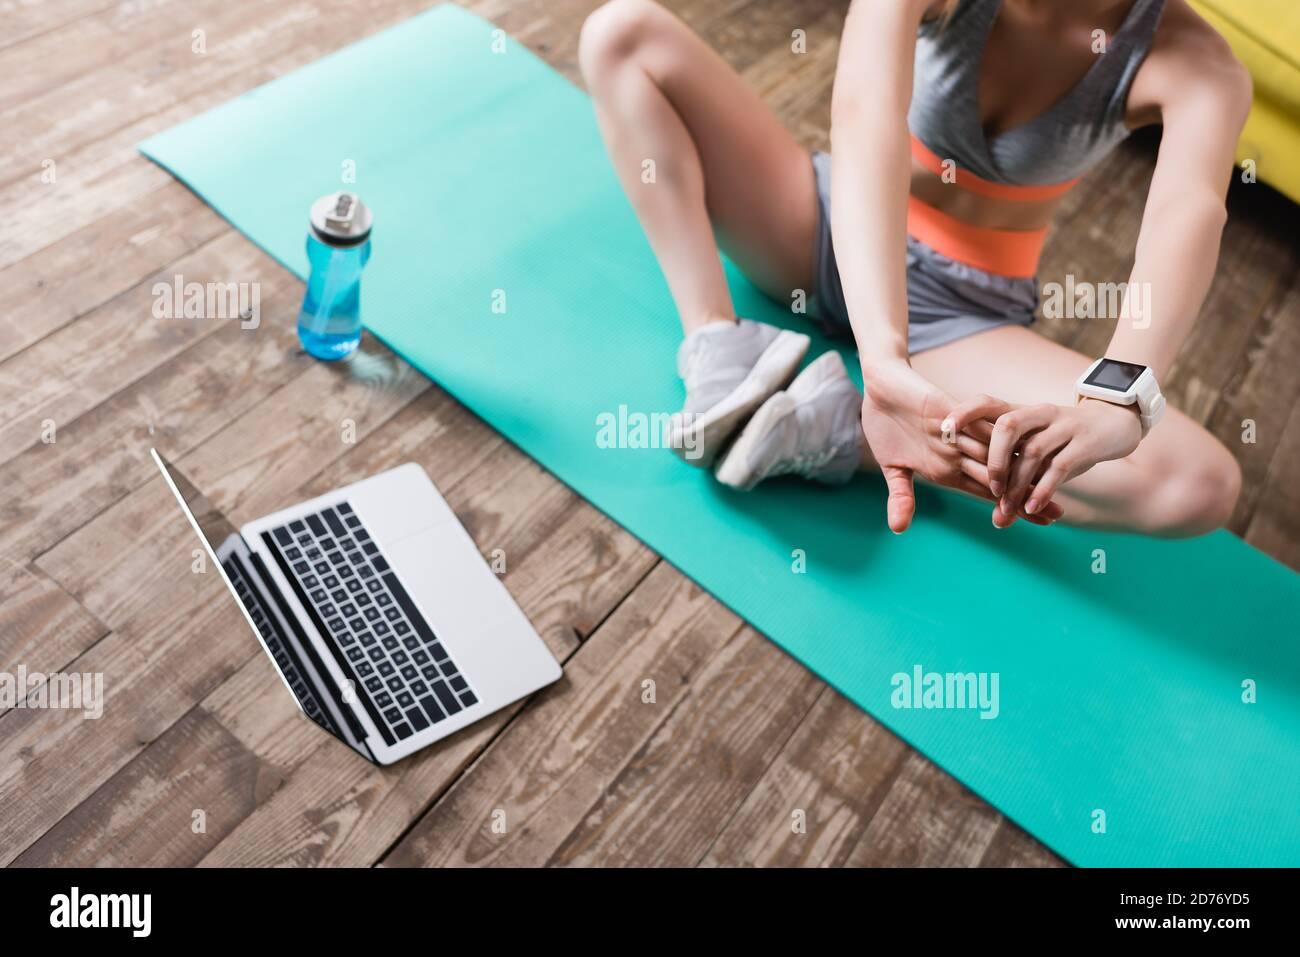 Vue rognée de sportswoman s'étendant près d'un ordinateur portable et d'une bouteille de sport à la maison Banque D'Images